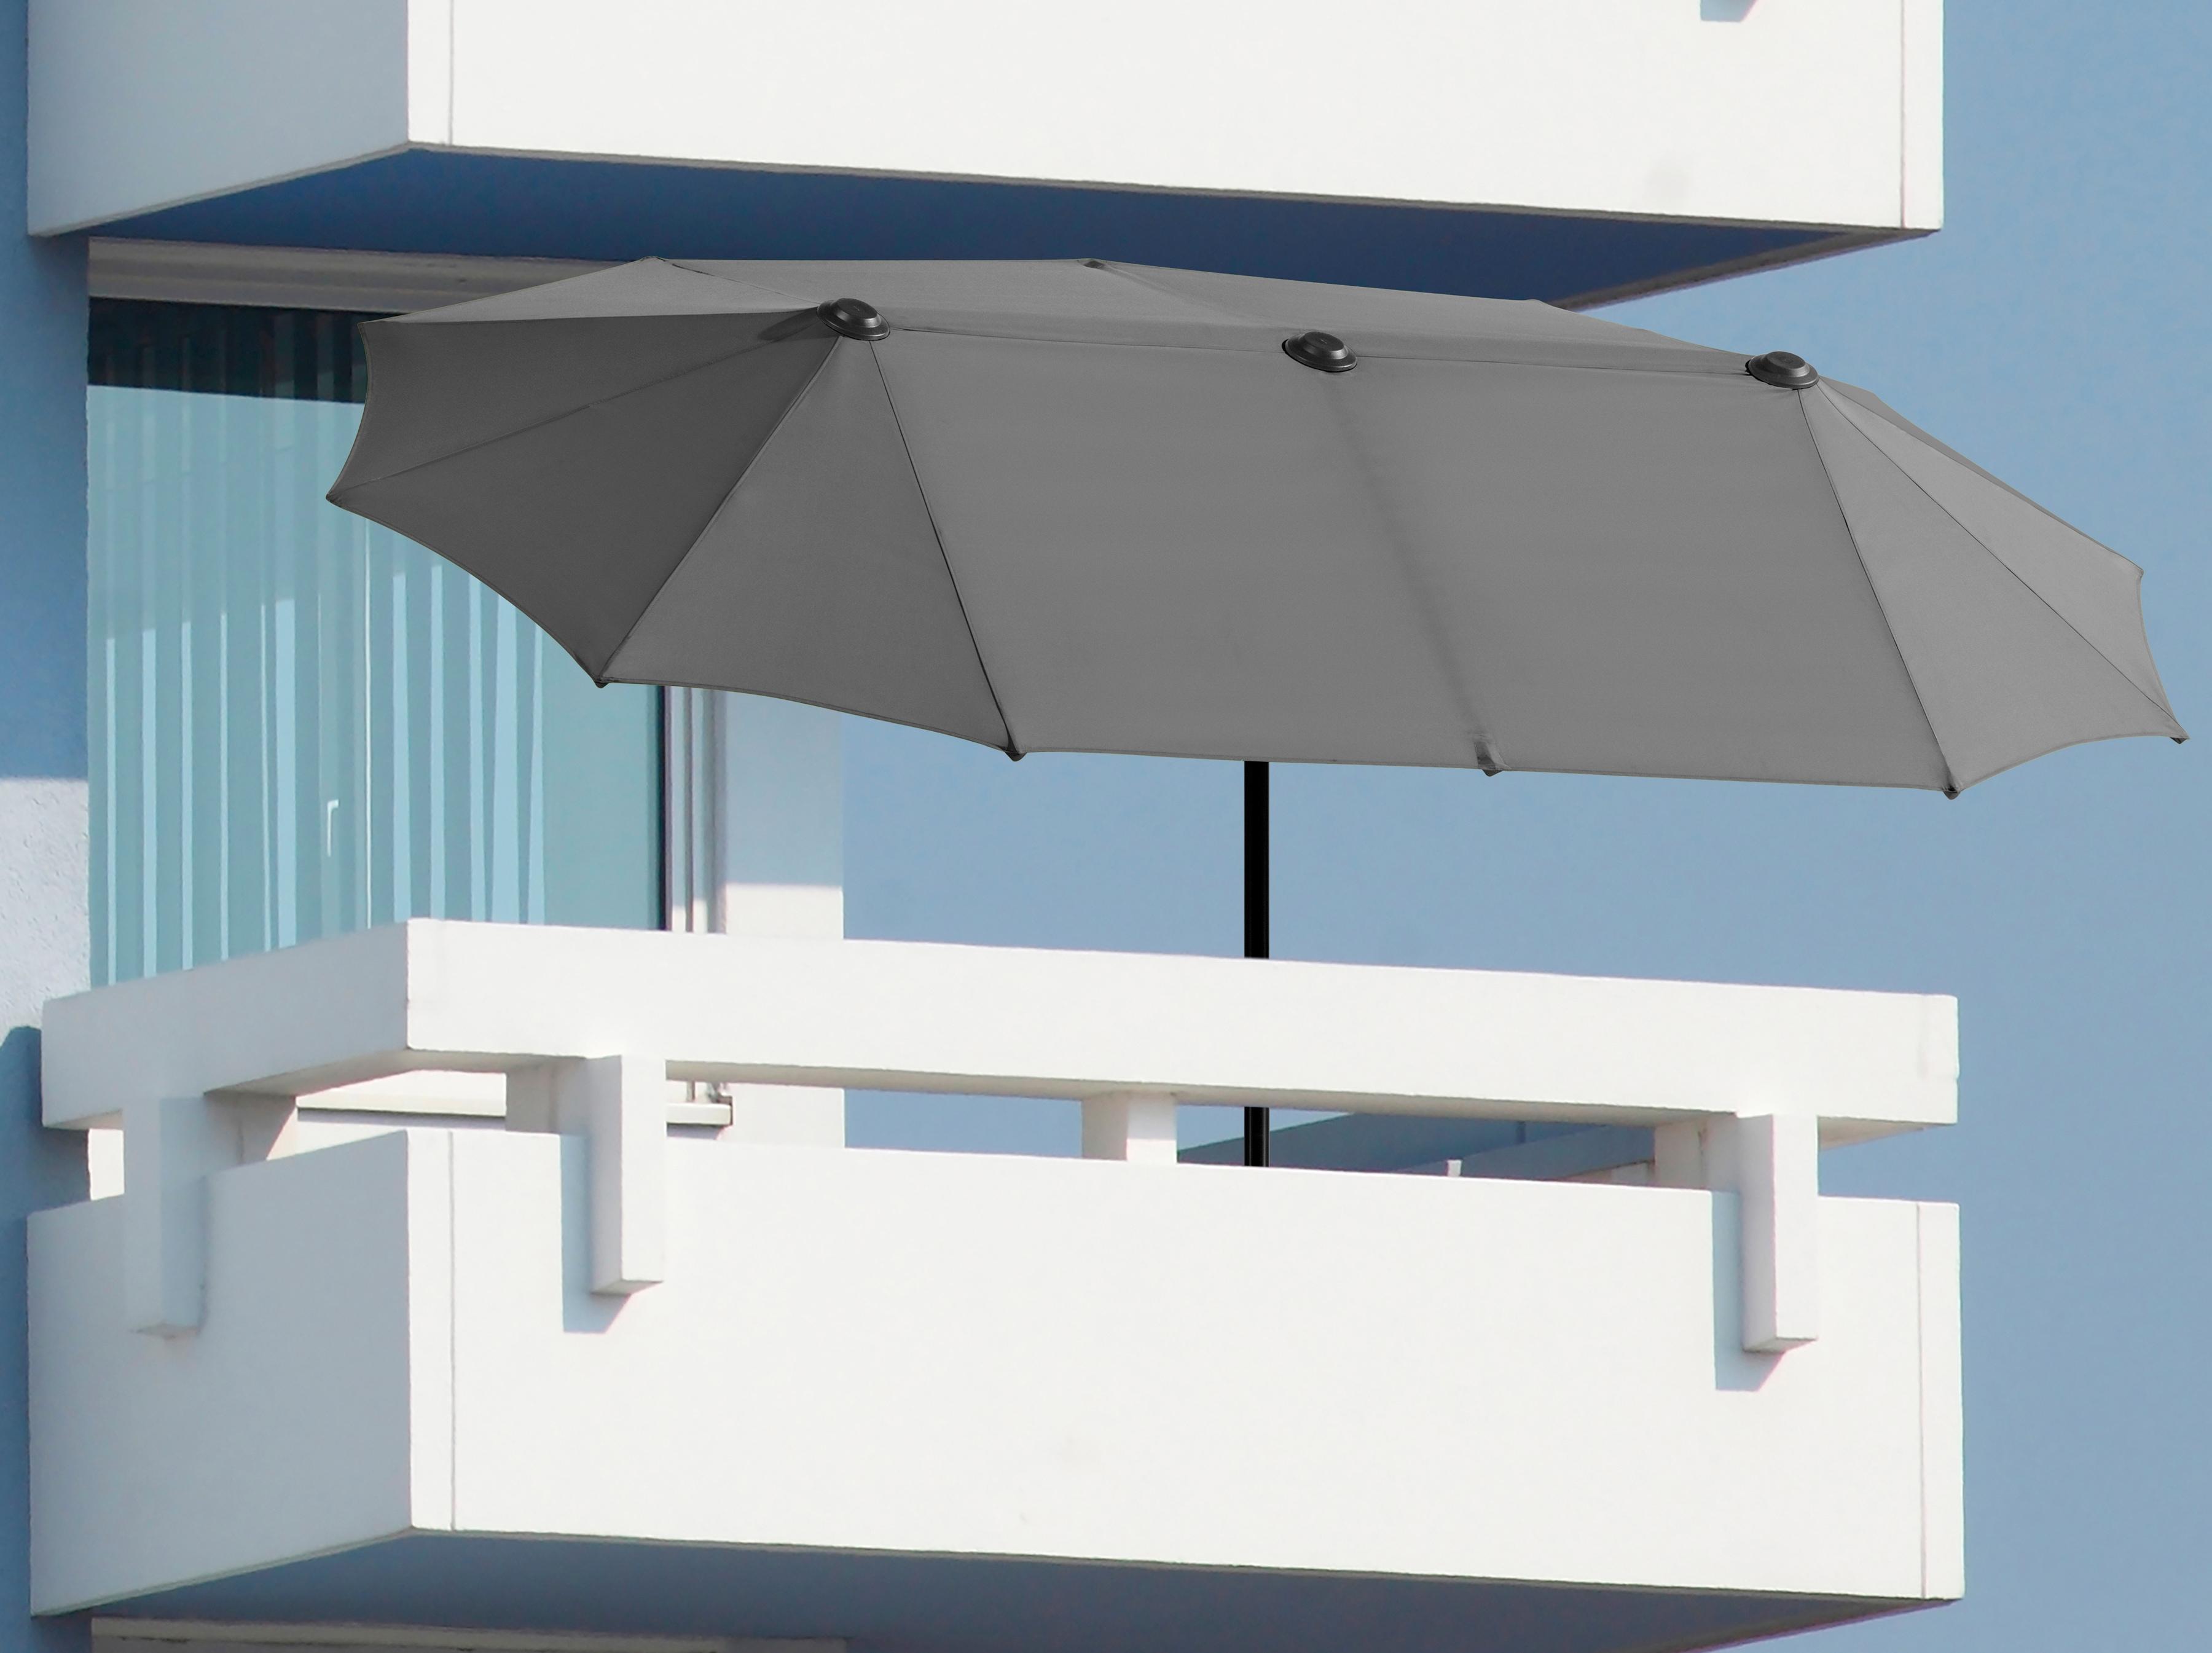 Schneider Schirme Balkonschirm Salerno, Inkl. Schutzhülle, ohne Schirmständer grau Sonnenschirme -segel Garten, Terrasse Balkon